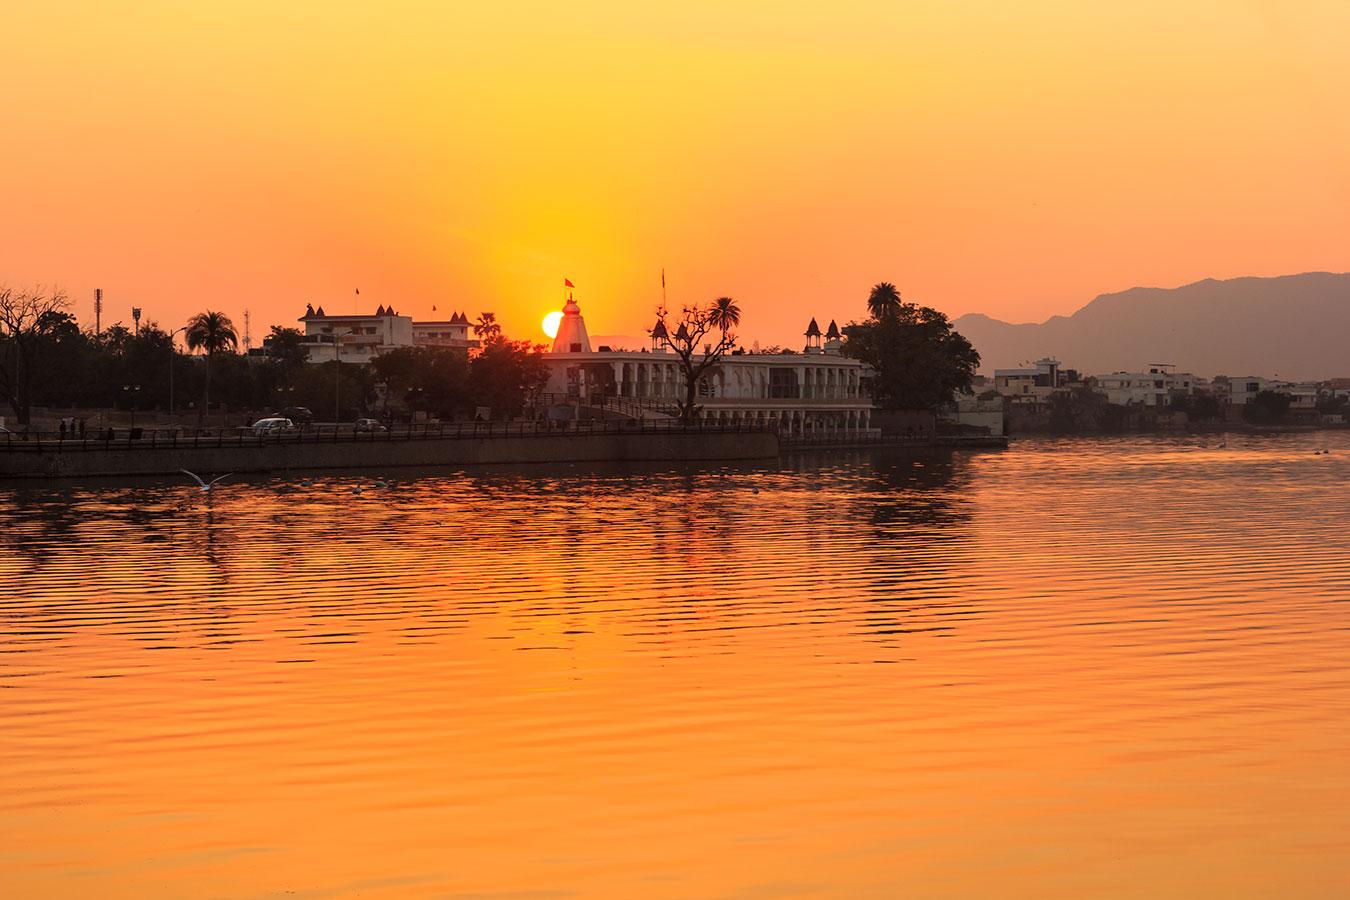 22-Rishi-Udyan-Swami-Dayanand-sunset.jpg